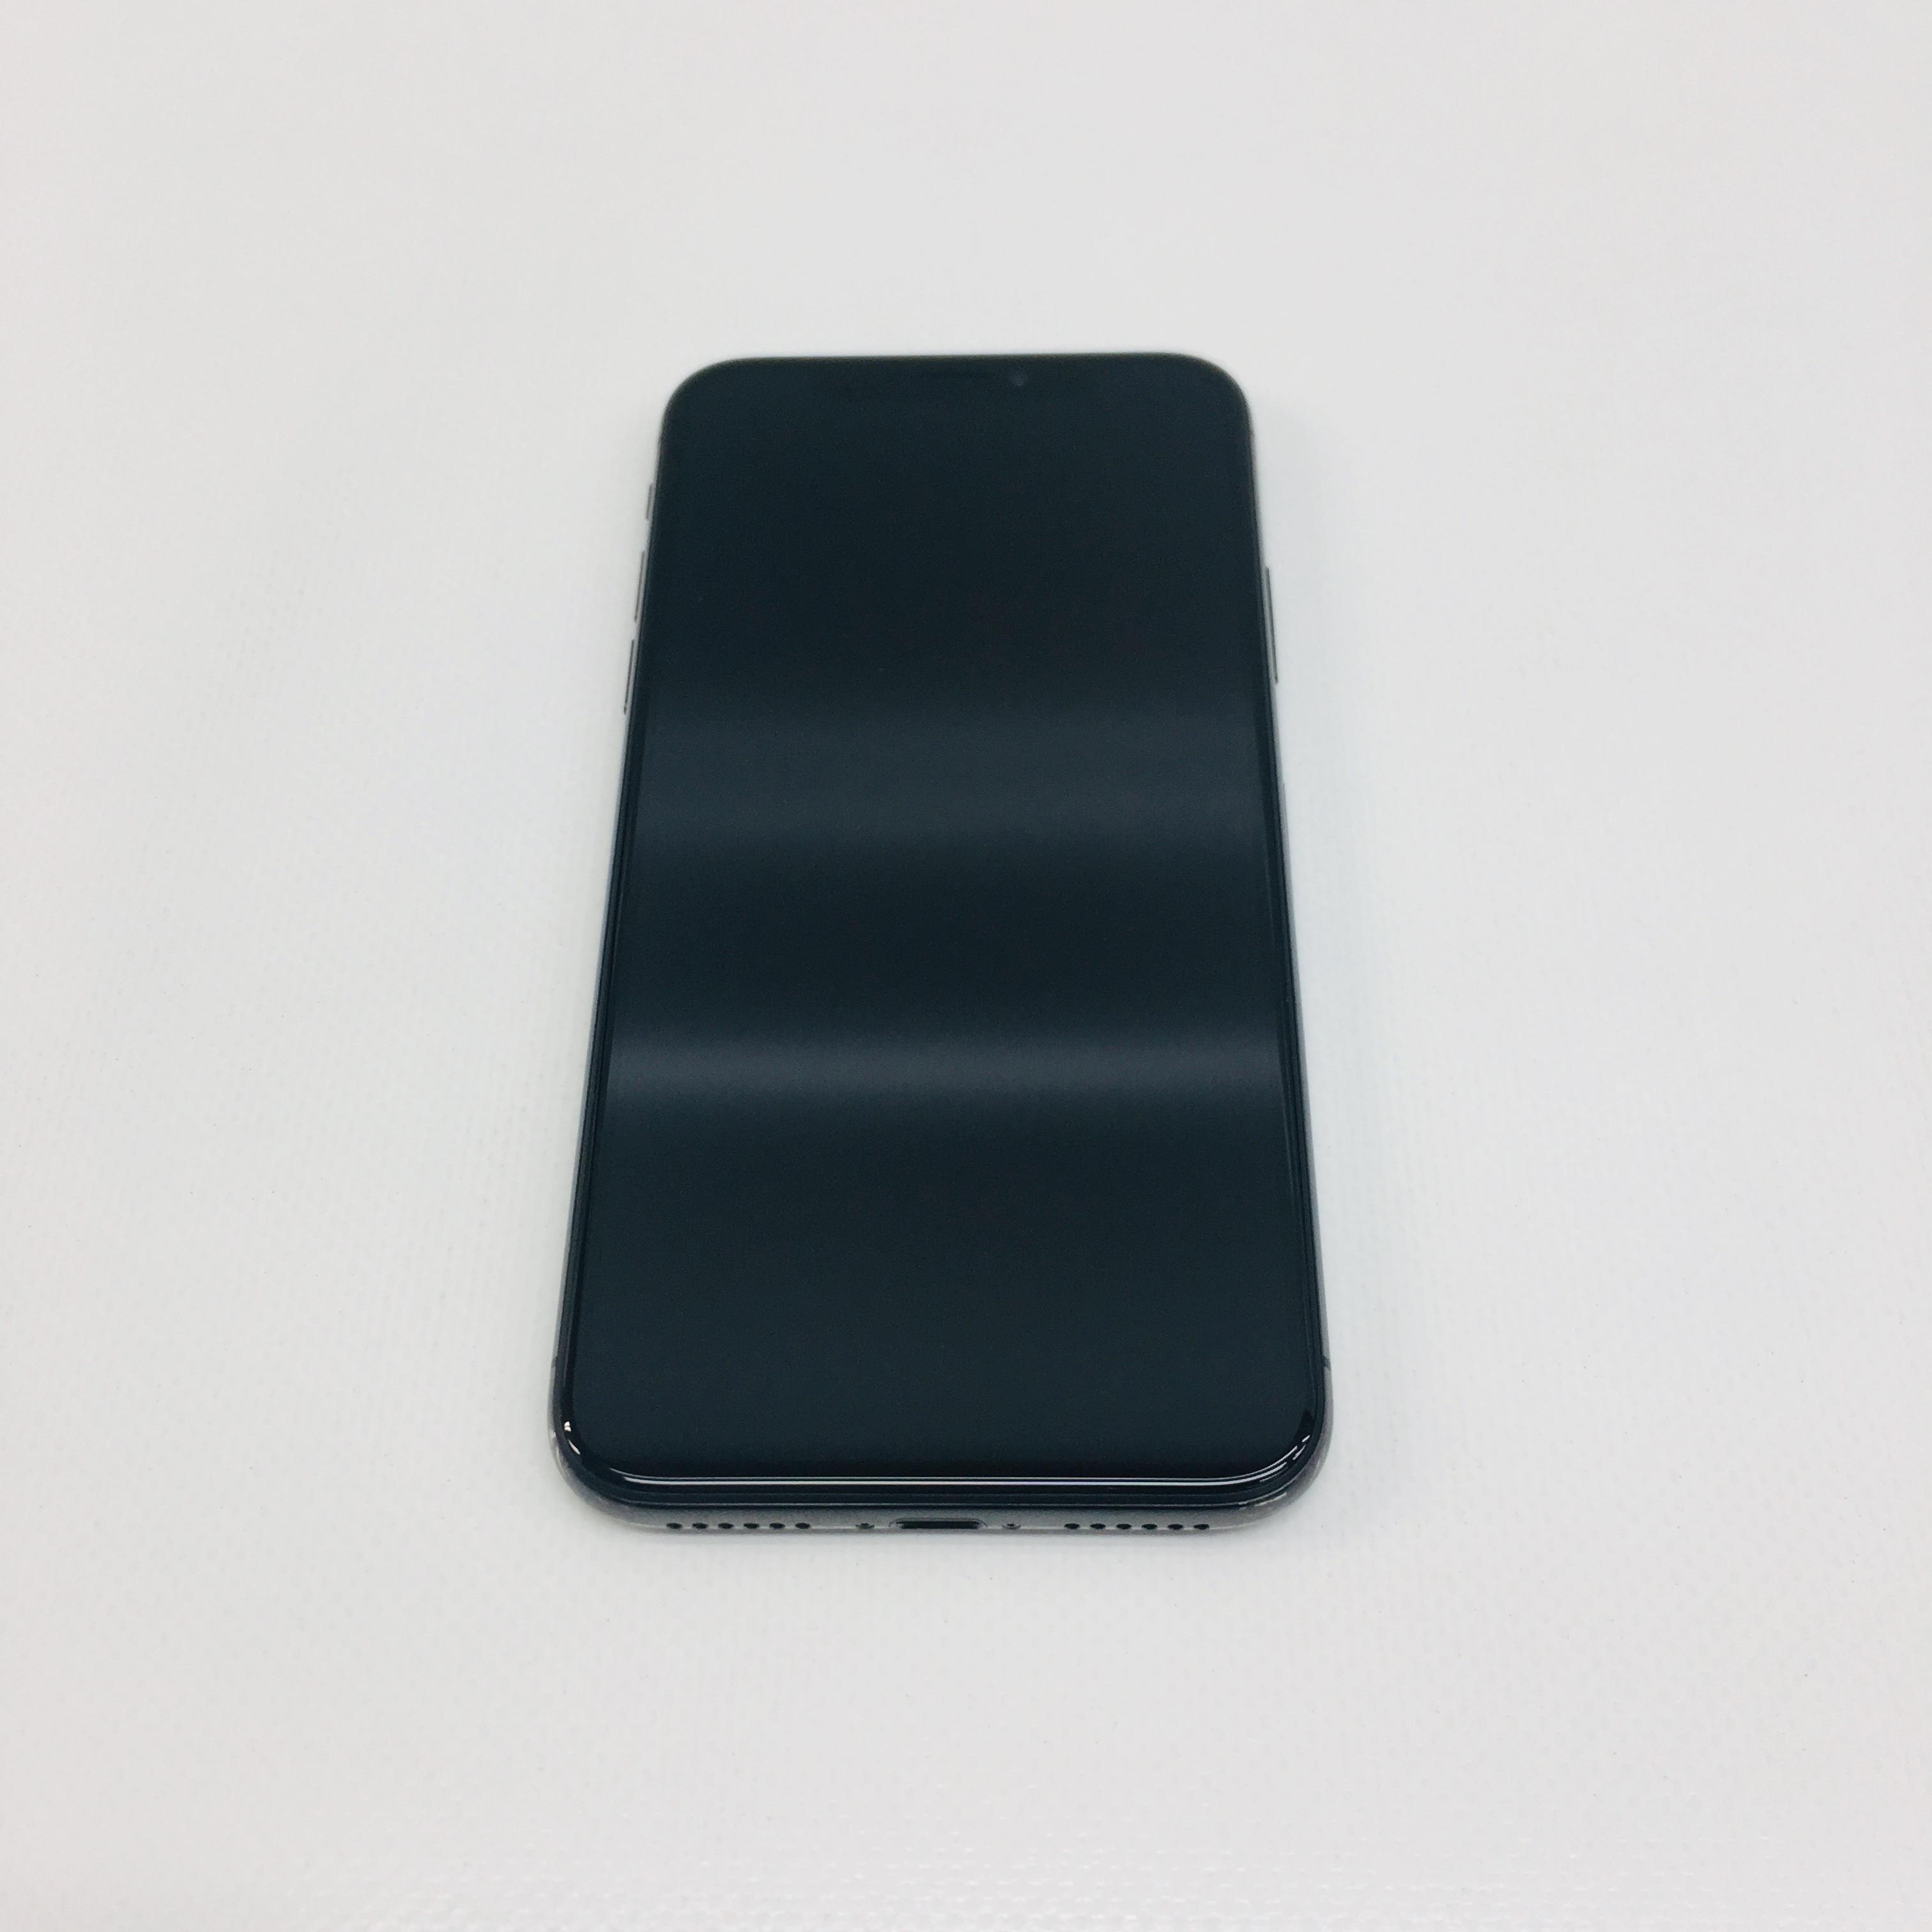 iPhone X 64GB, 64GB, SPACE GREY, image 1